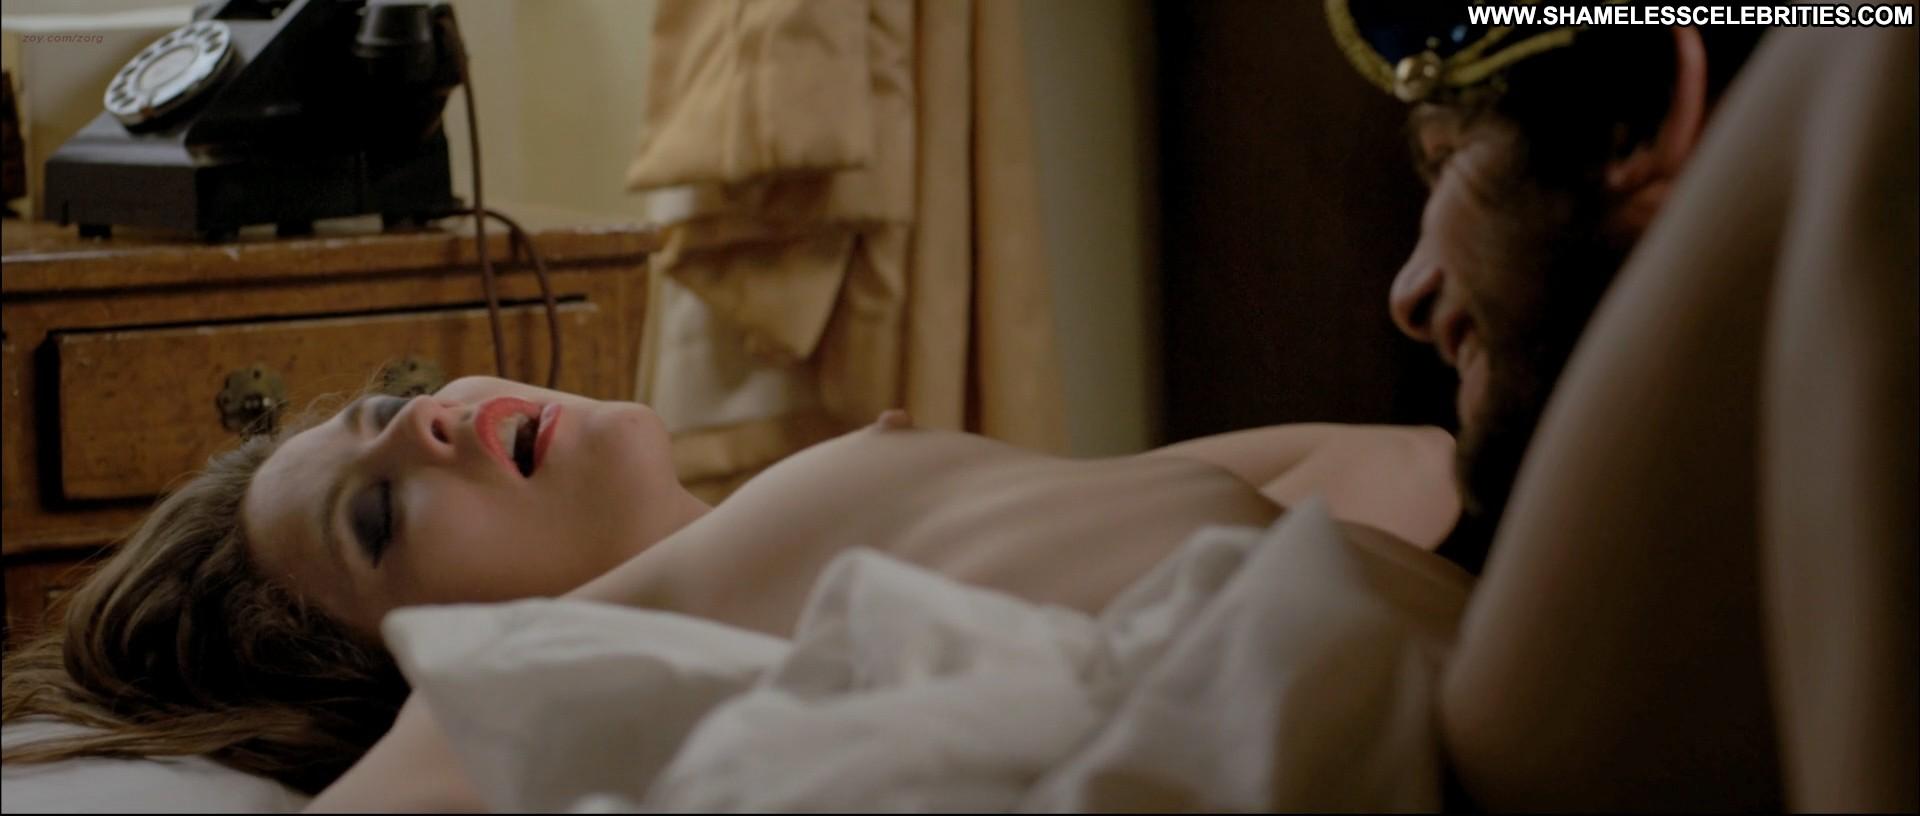 The Most Shameless Sex Scenes on Shameless NSFW